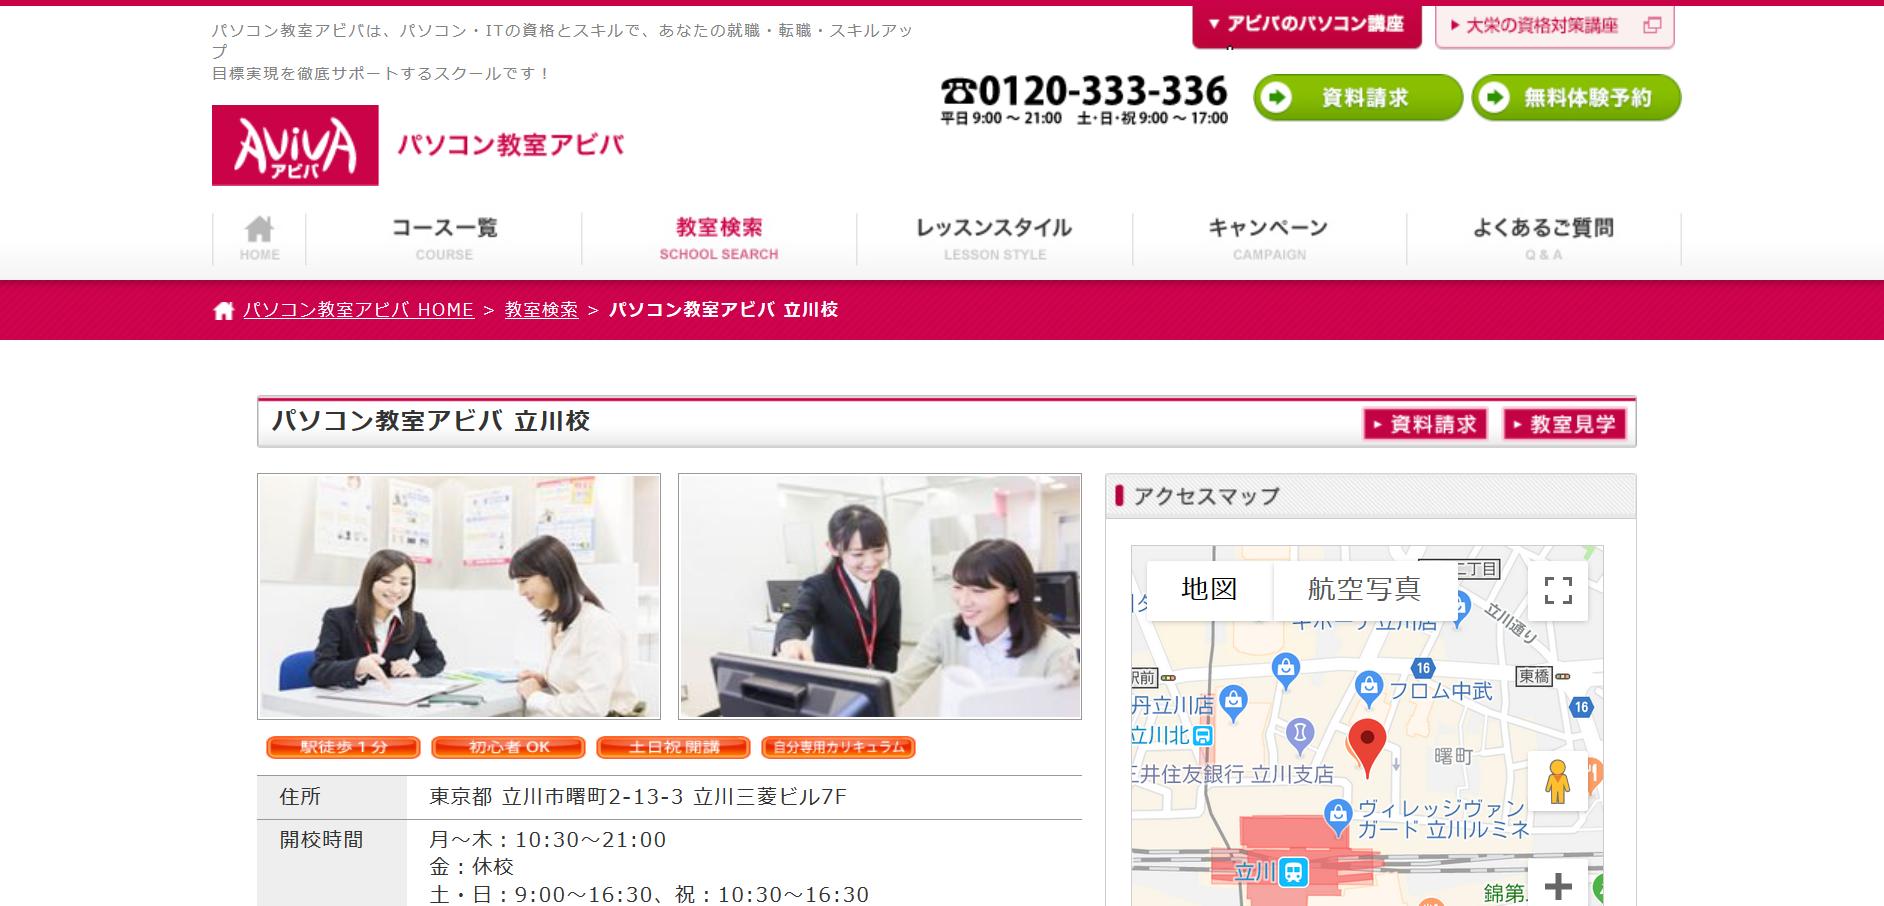 パソコン教室アビバ 立川校の評判・口コミ